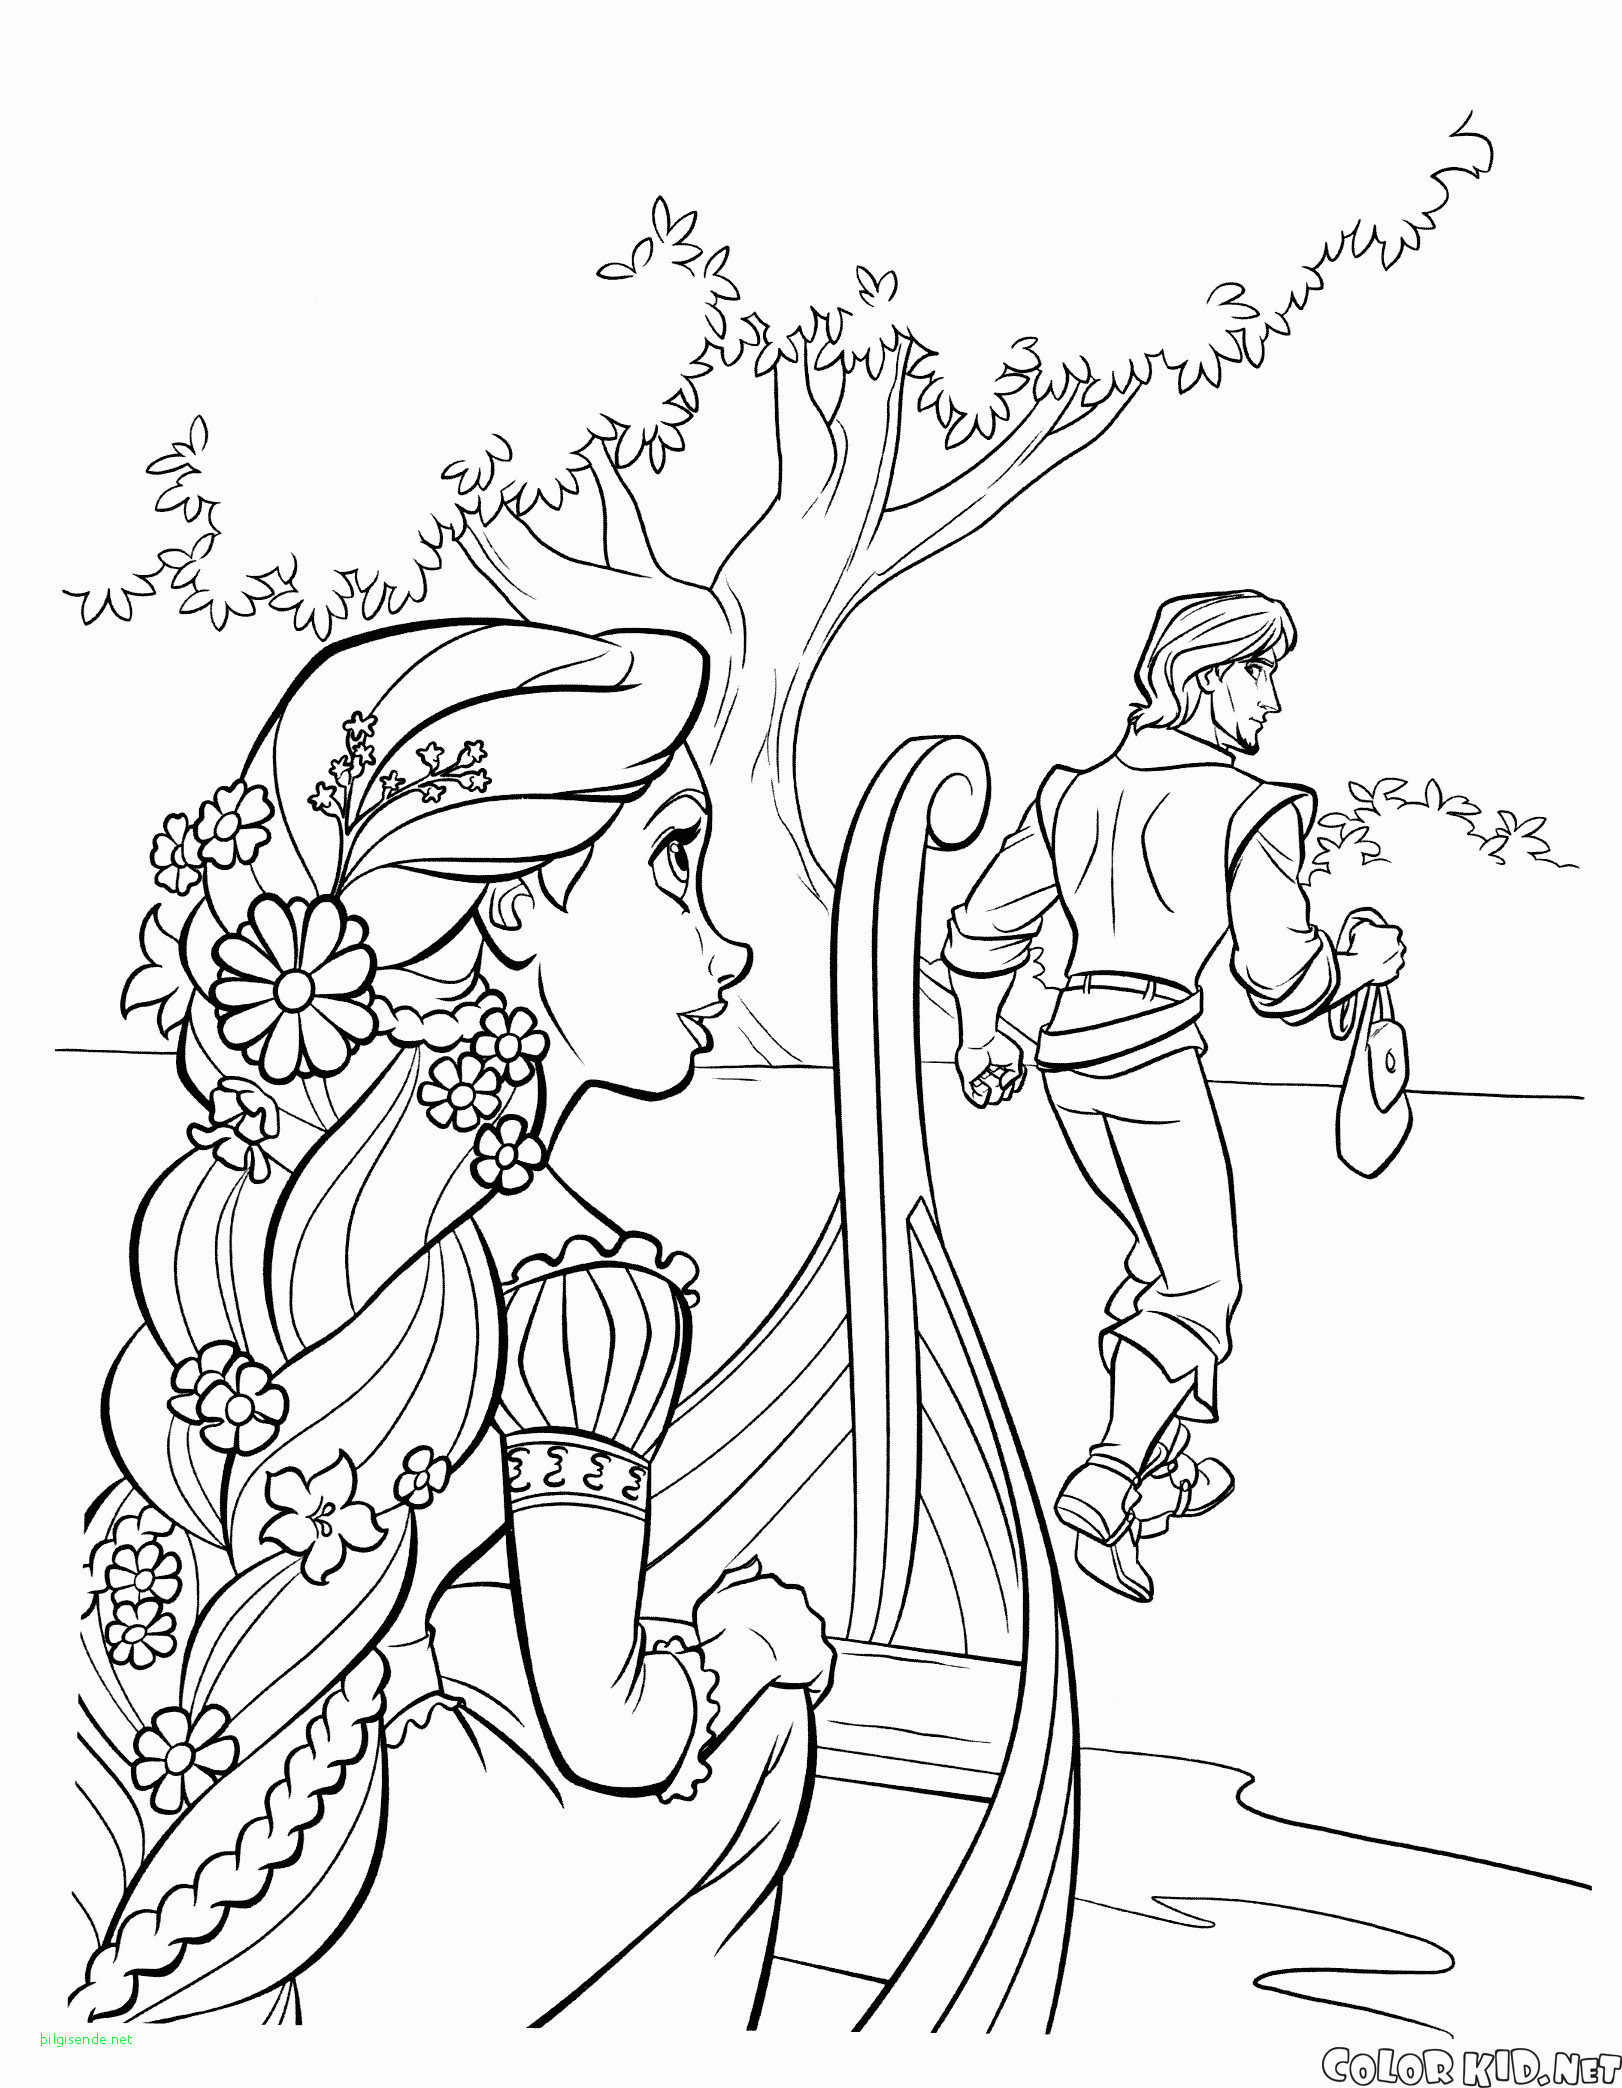 Sofia Die Erste Ausmalbild Inspirierend Elegant Disney Rapunzel Coloring Book Schön Ausmalbilder Prinzessin Das Bild